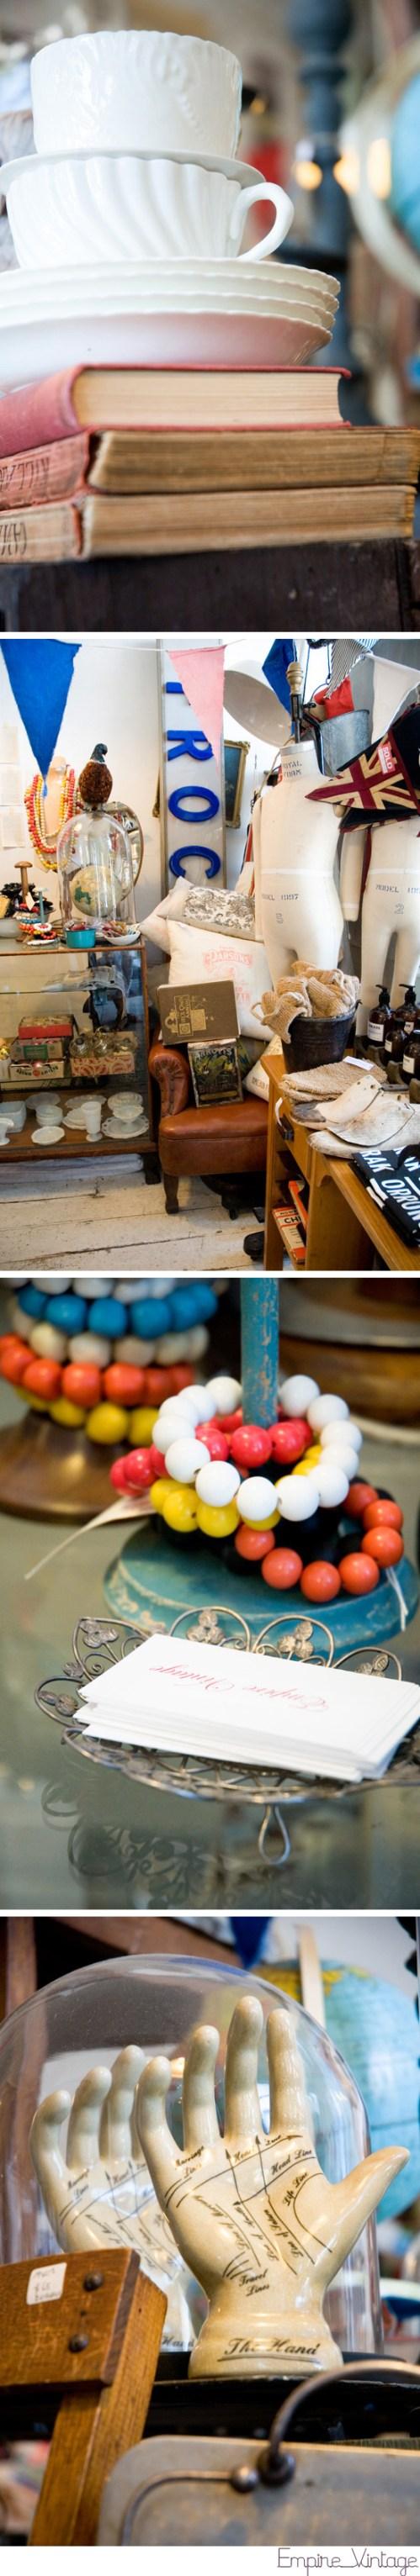 Empire Vintage Shop Tour